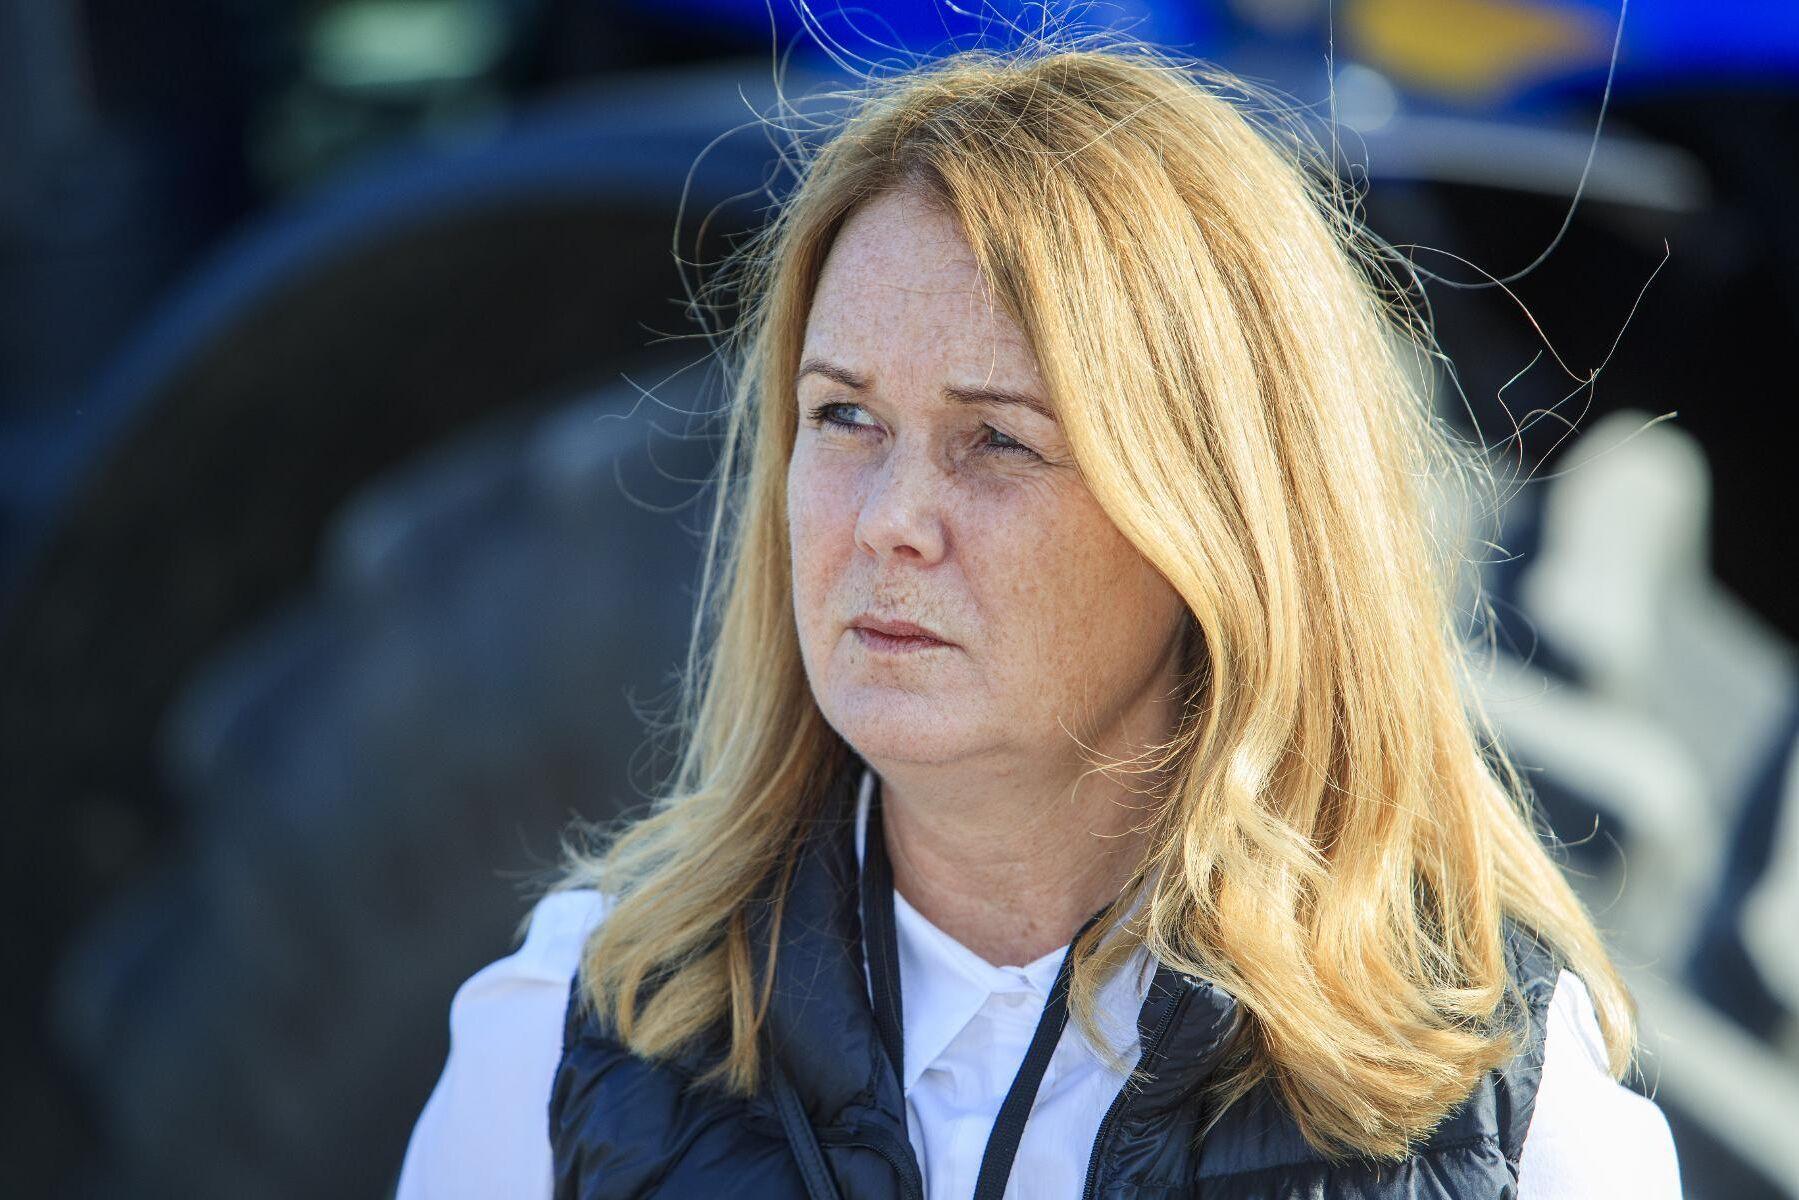 Landsbygdsminister Jennie Nilsson är besviken över att behöva åka hem utan en överenskommelse om Capreformen. Arkivbild.